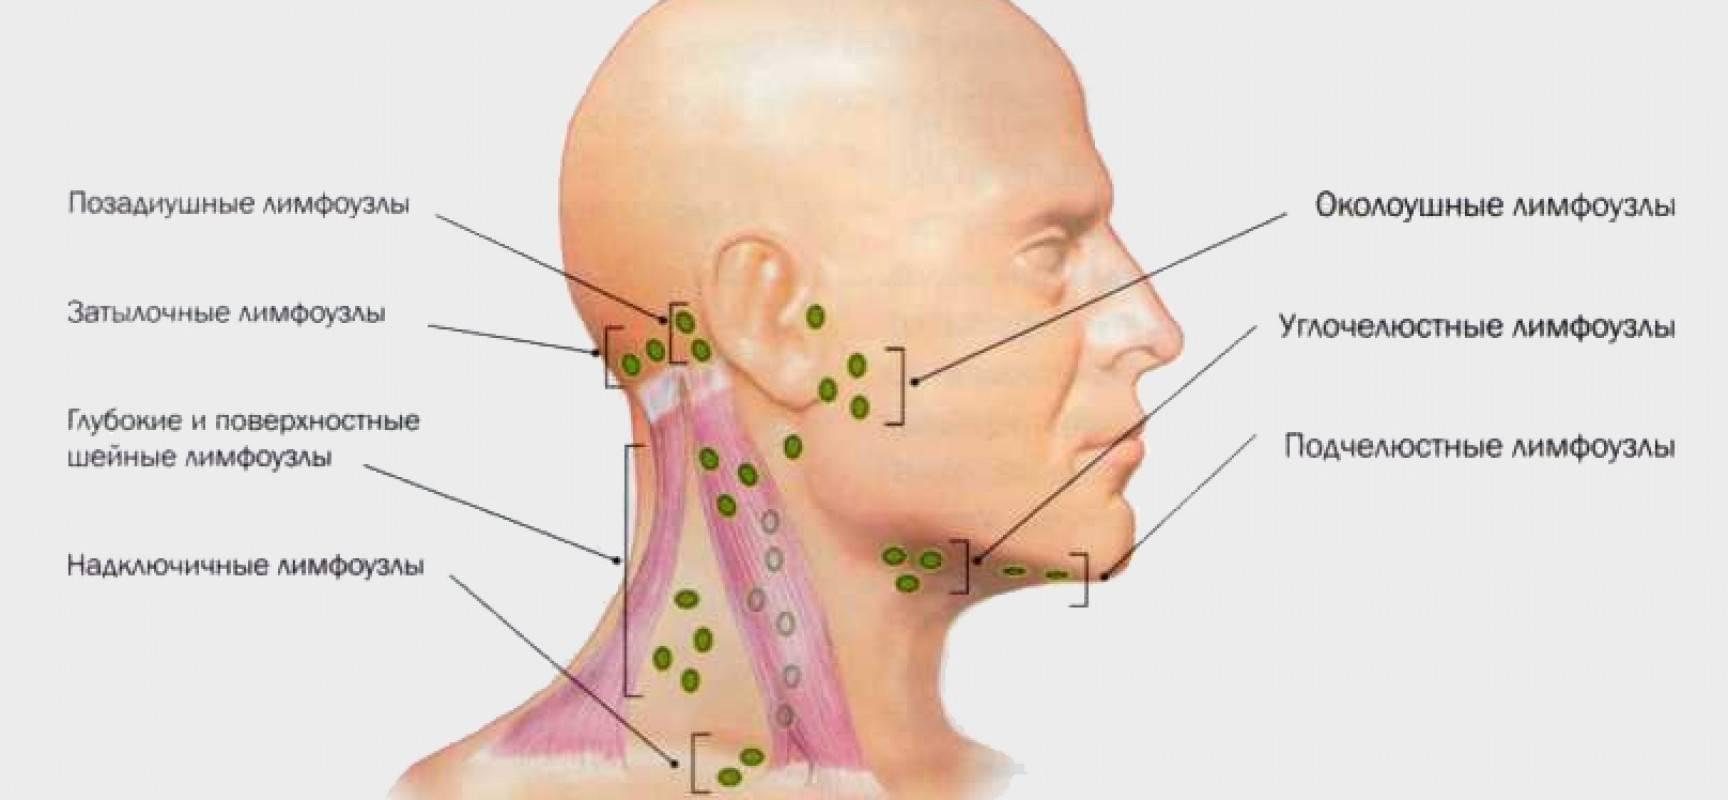 Воспалились лимфоузлы на шее, что делать, как лечить. чем лечить лимфоузлы на шее у взрослого | здоровье человека